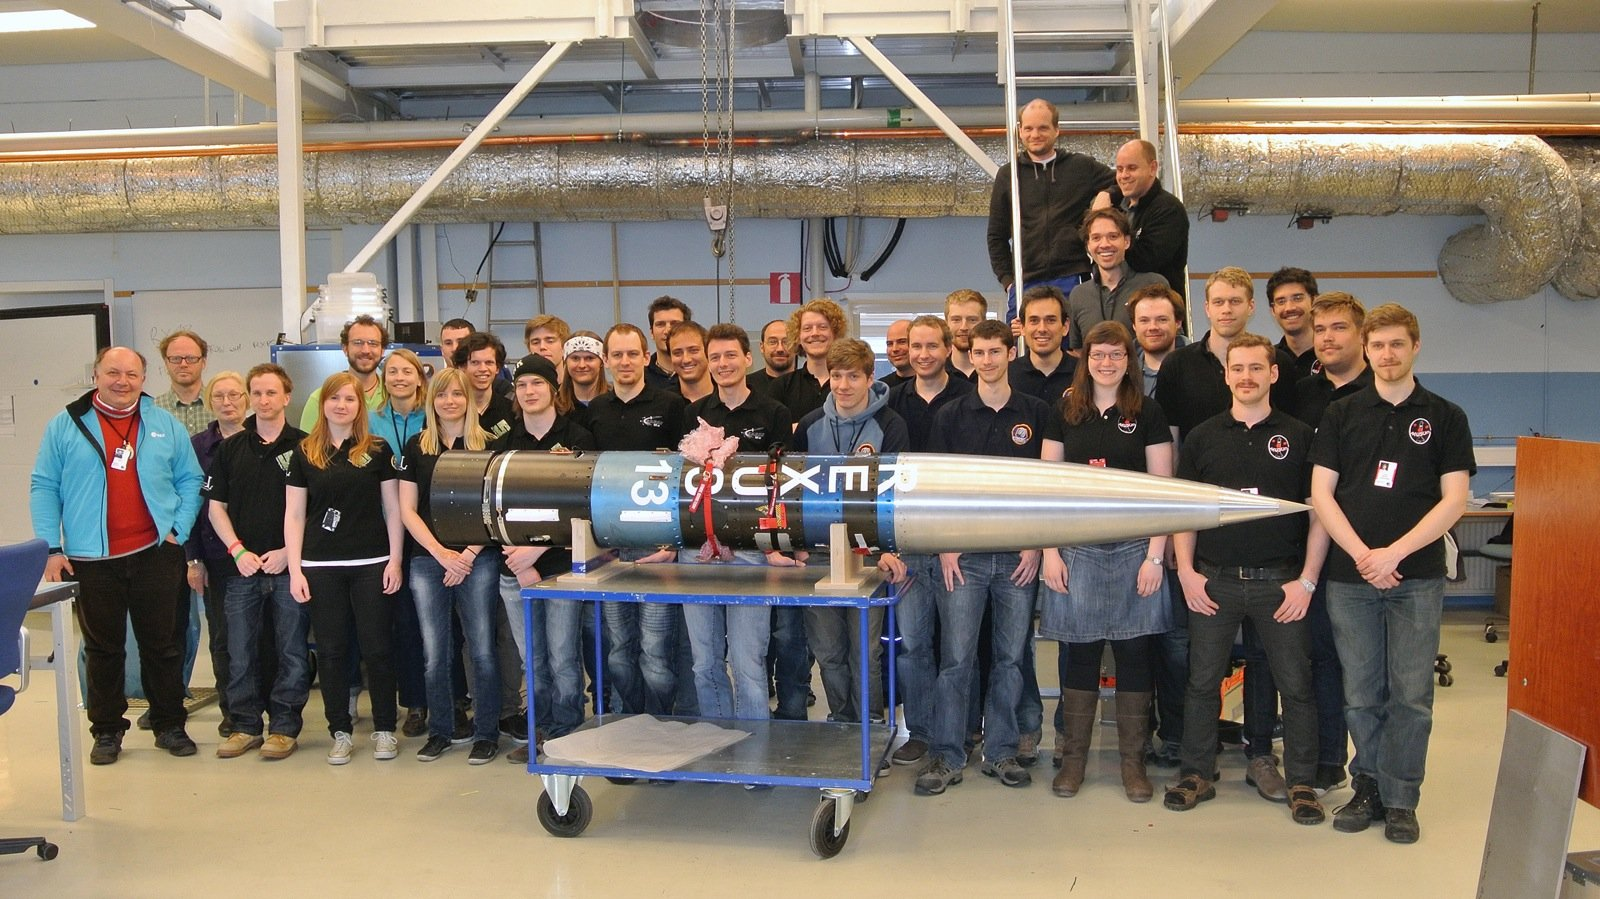 Die Teams von Rexus 13.